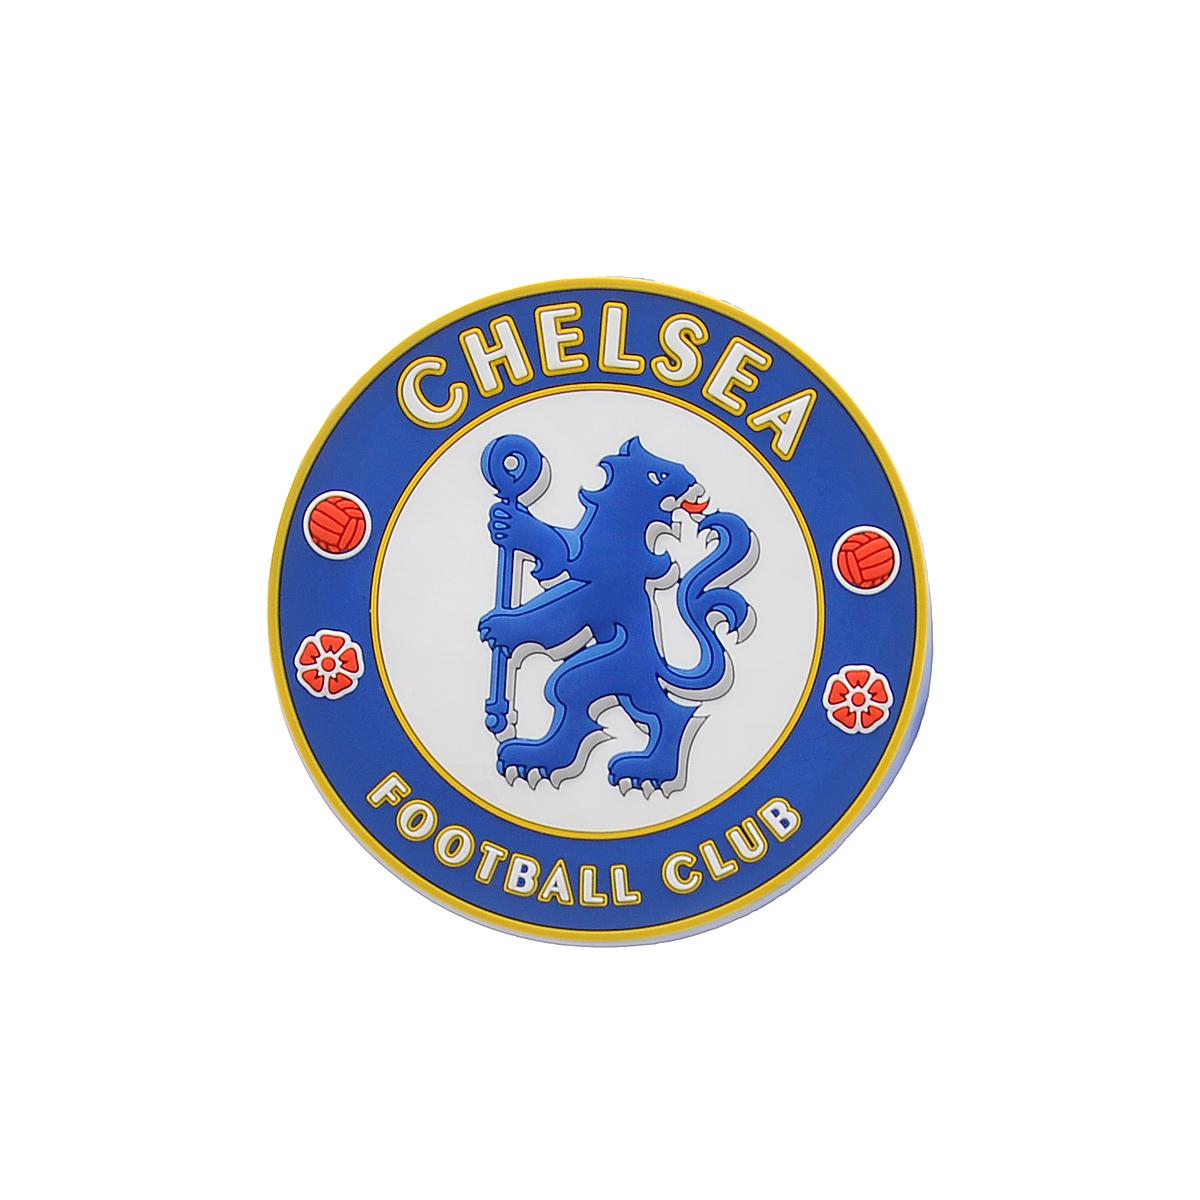 Магнит Chelsea, цвет: синий, белый, красный, диаметр 7,7 см. 083008300Магнит Chelsea изготовлен из мягкого ПВХ, идентичного резине. Крепится на любые металлические поверхности. Магнит Chelsea порадует истинного болельщика футбольного клуба, а также станет приятным подарком к любому празднику.